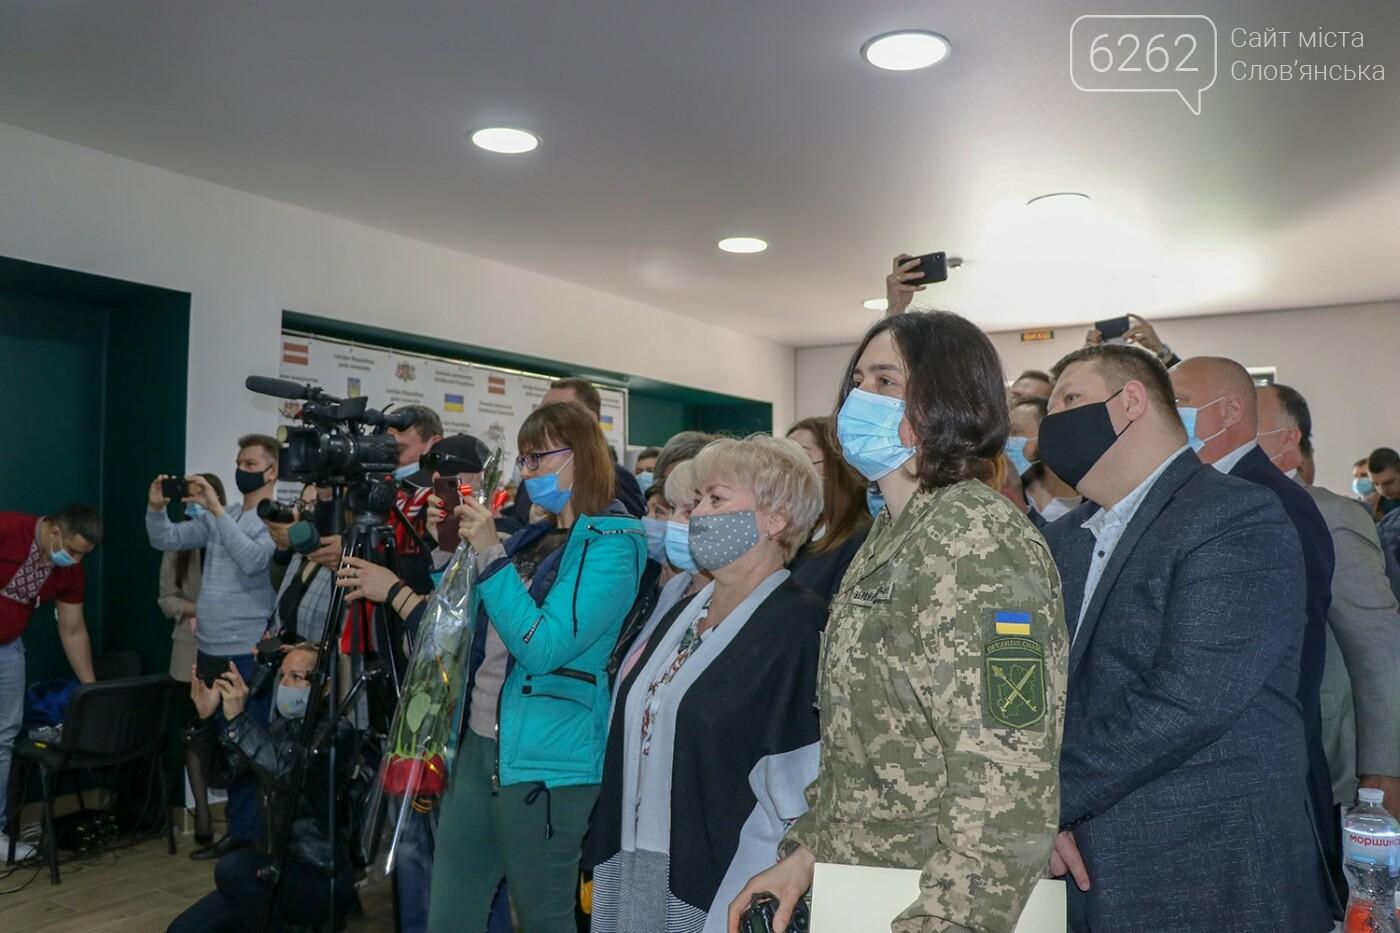 У Слов'янську відкрилося Почесне консульство Латвії, фото-2